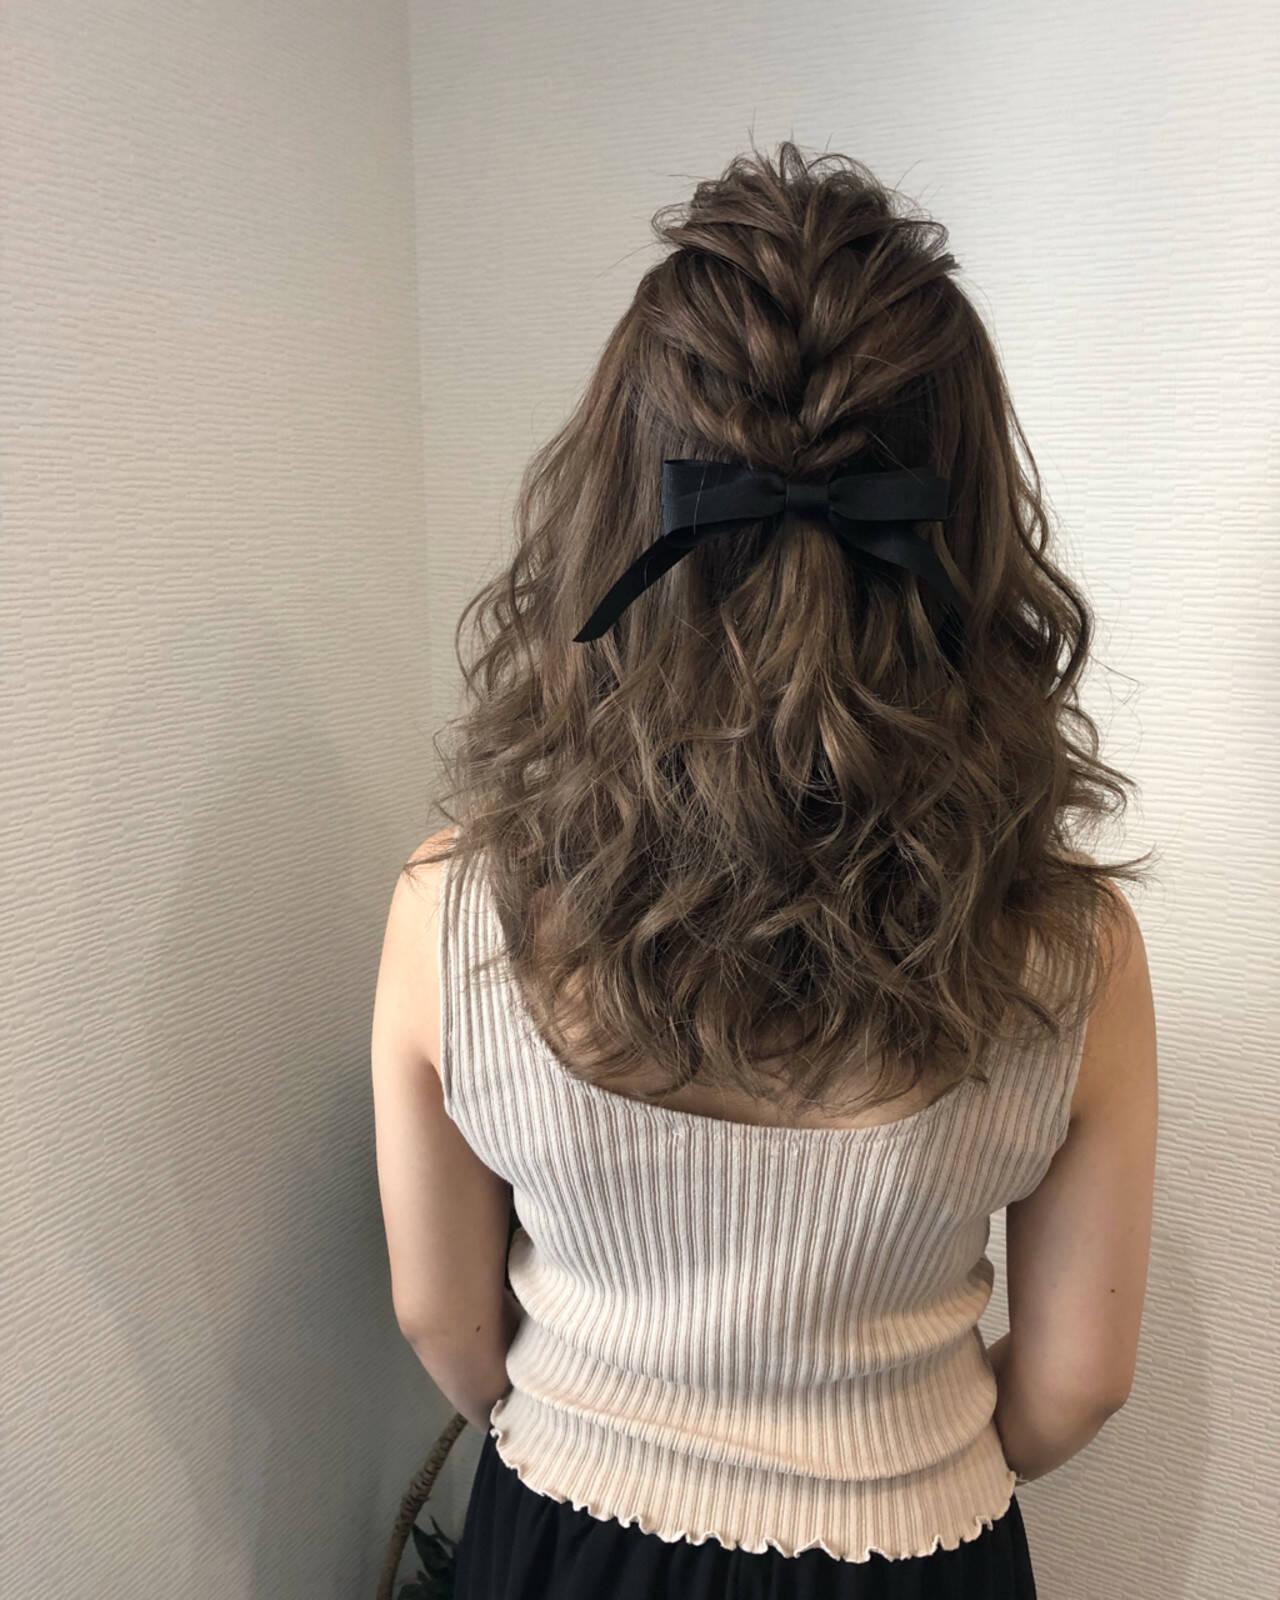 ヘアアレンジ ミディアム 前髪アレンジ 編み込みヘアスタイルや髪型の写真・画像